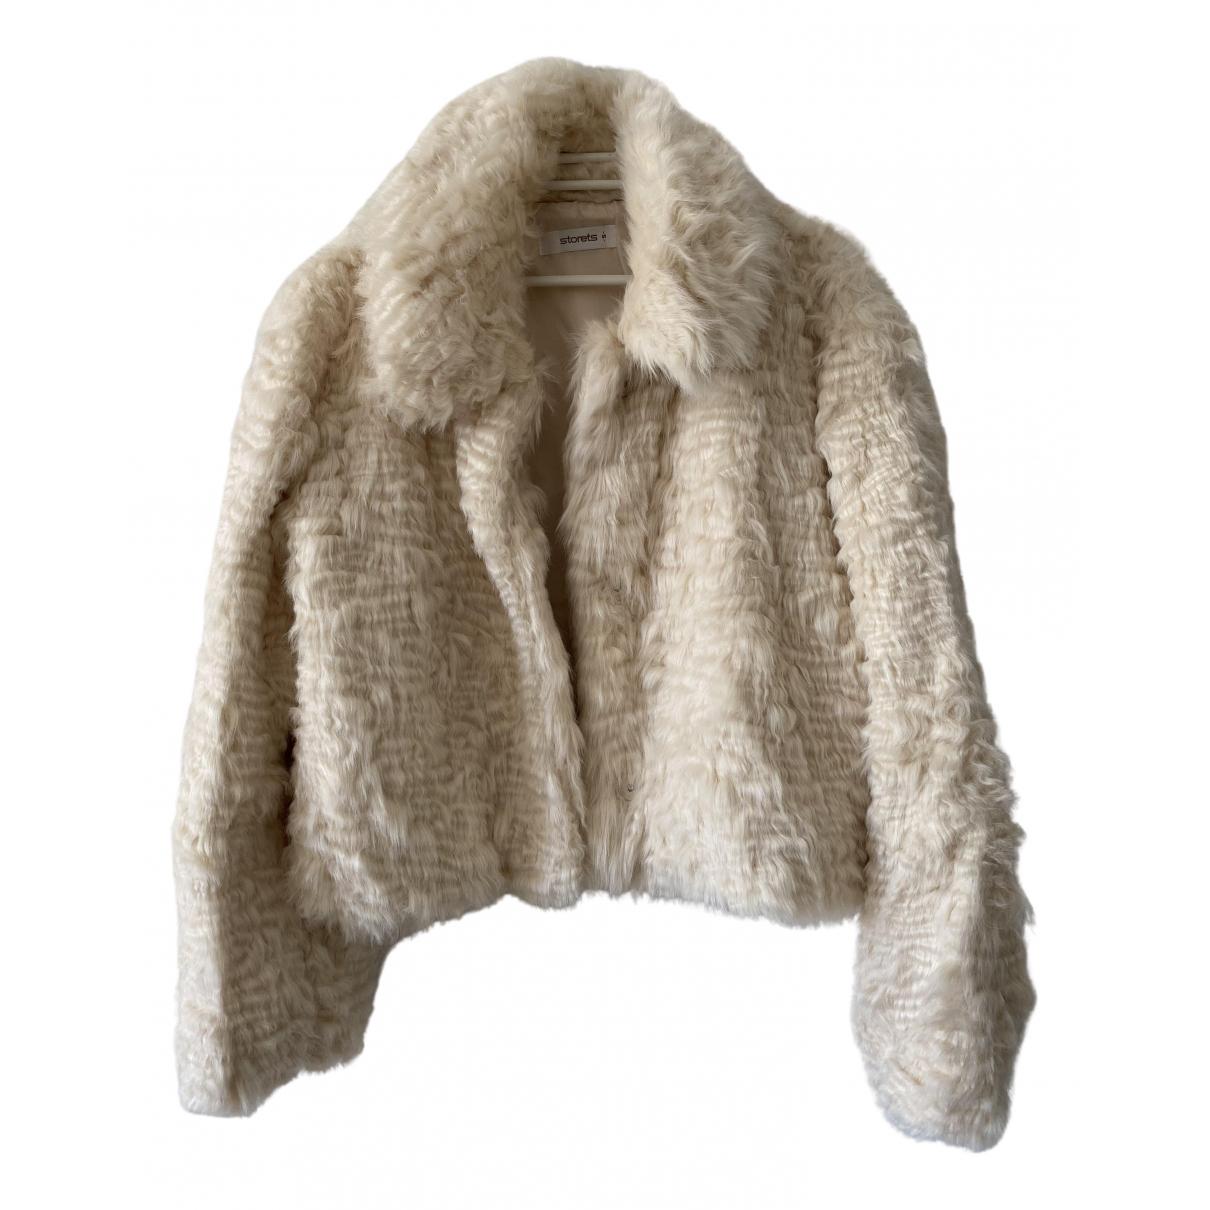 Storets - Manteau   pour femme en fourrure synthetique - ecru